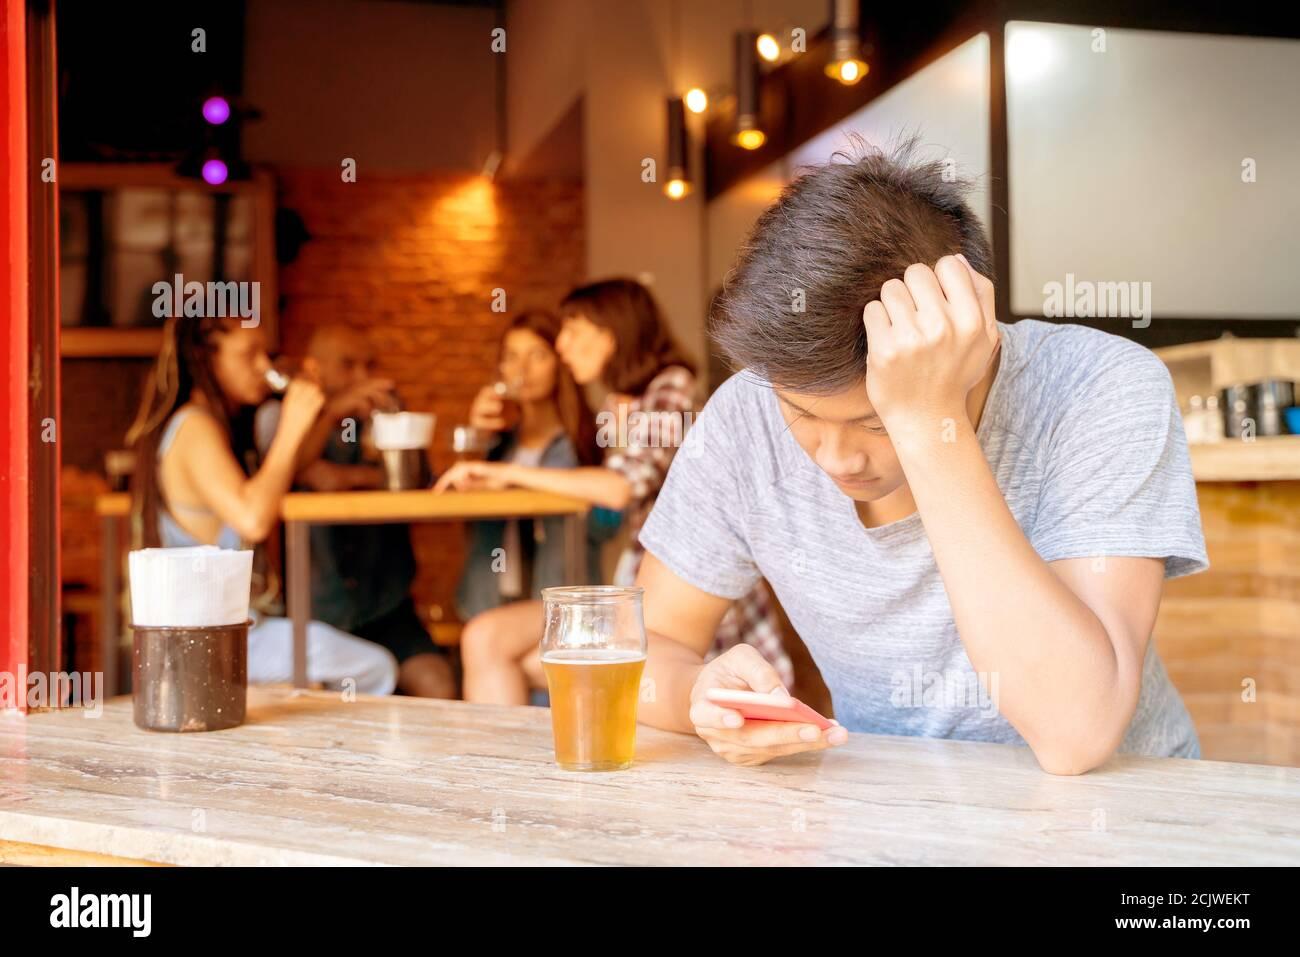 Un triste guapo excluyó a un chico asiático sentado solo en un bar usando su smartphone Foto de stock